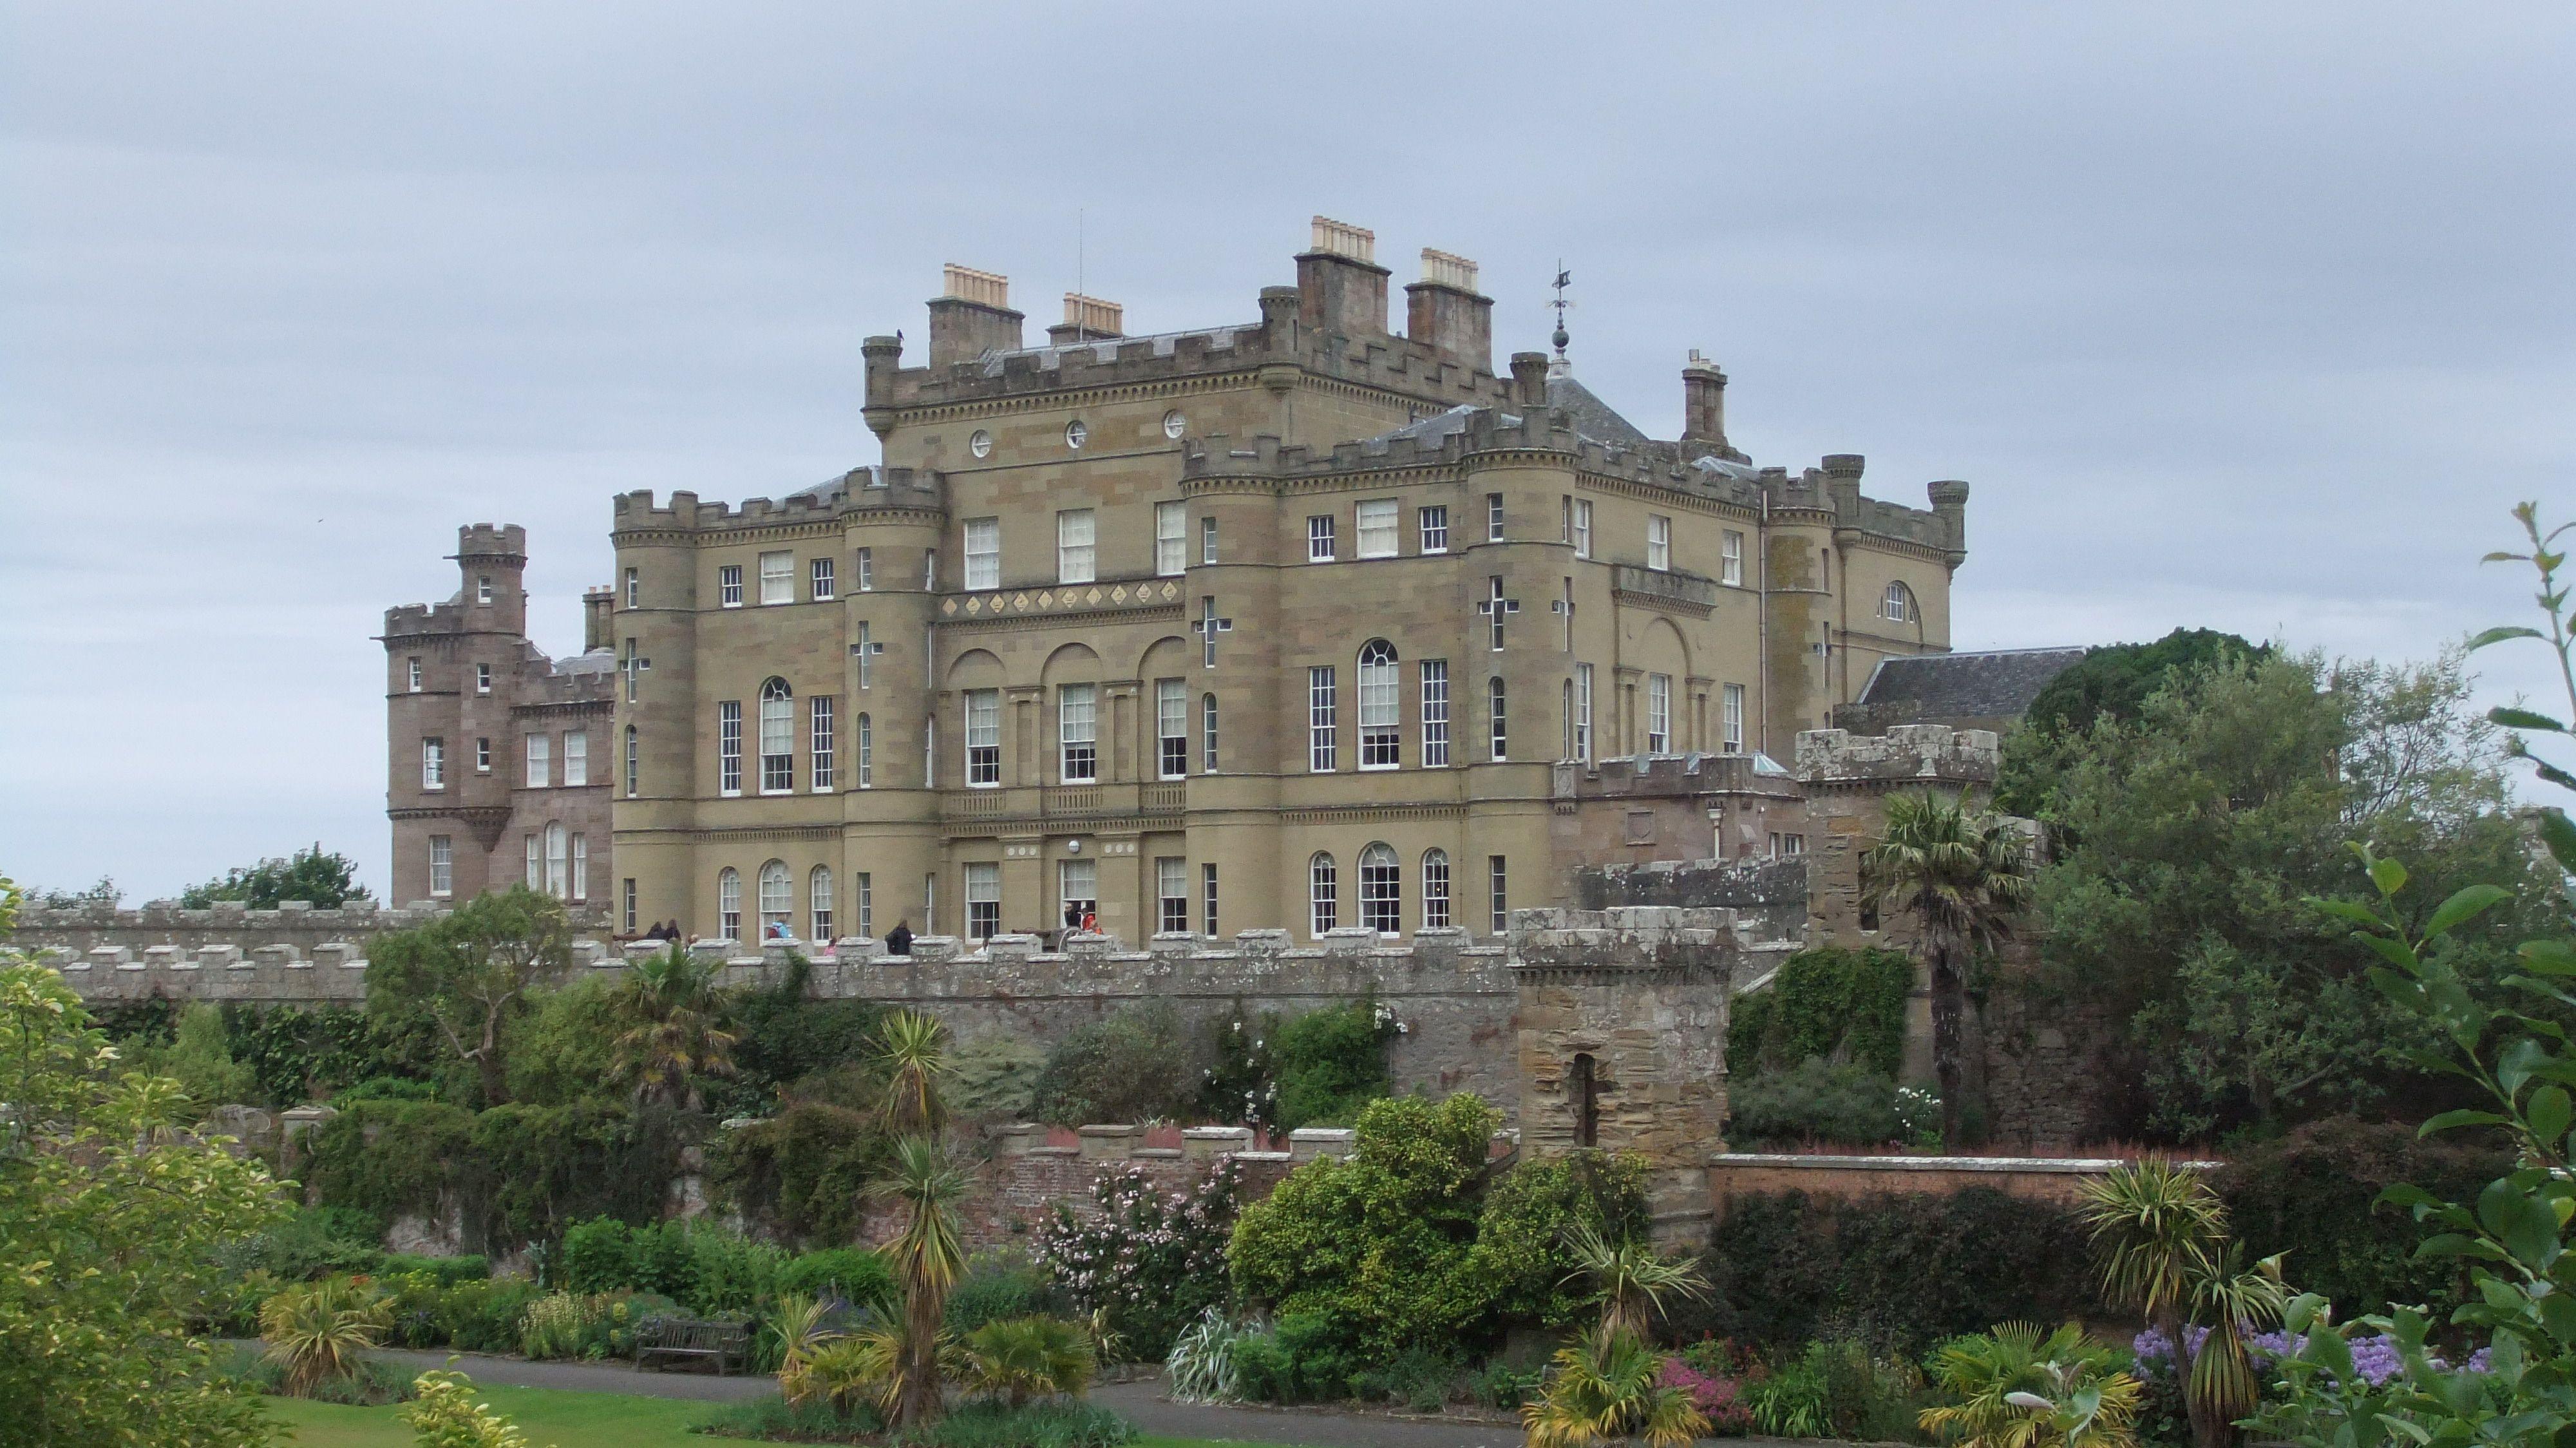 Culzean Castle, Maybole